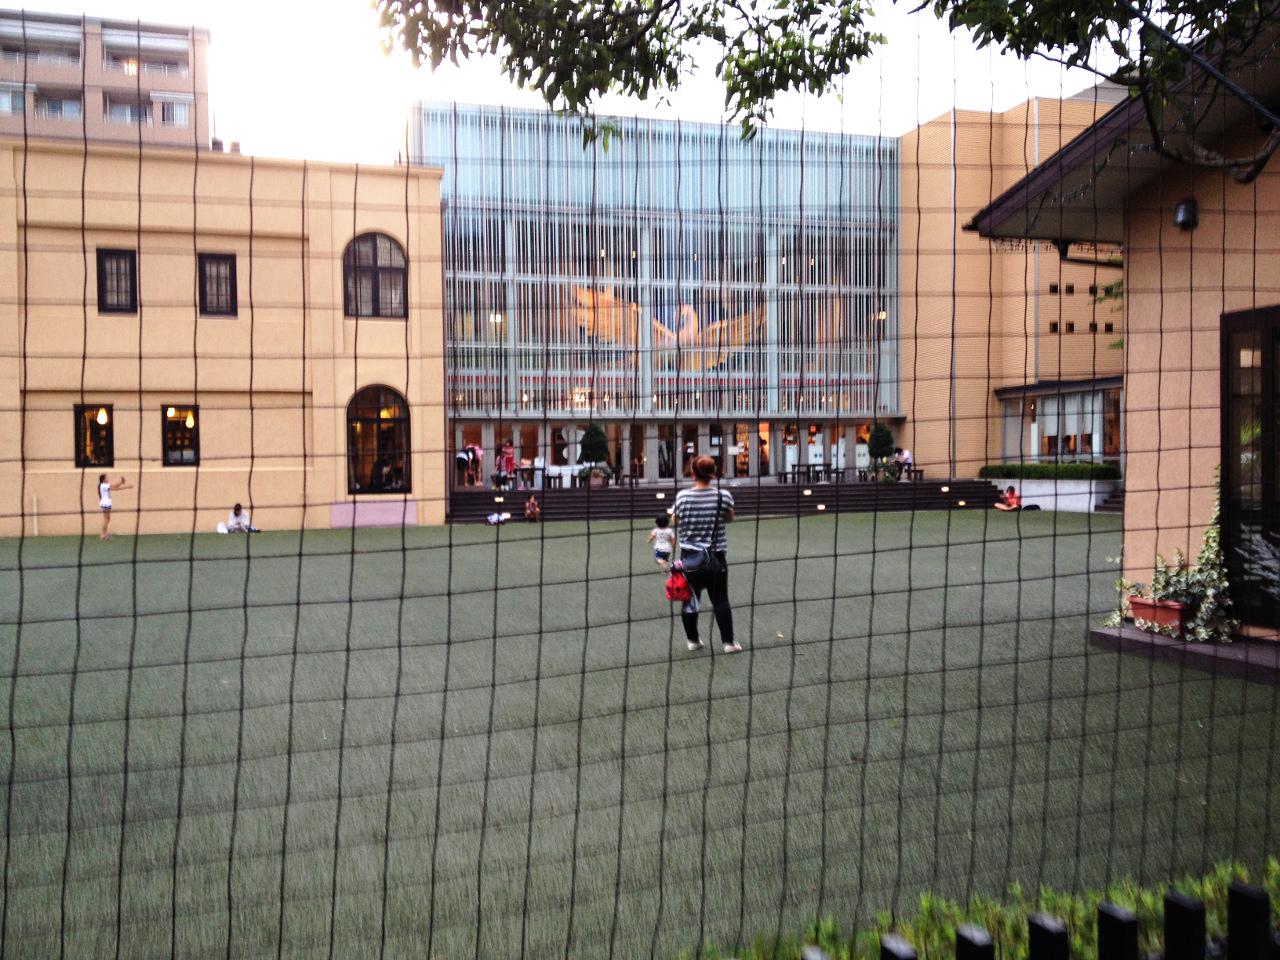 元小学校の建物の形が残った外観